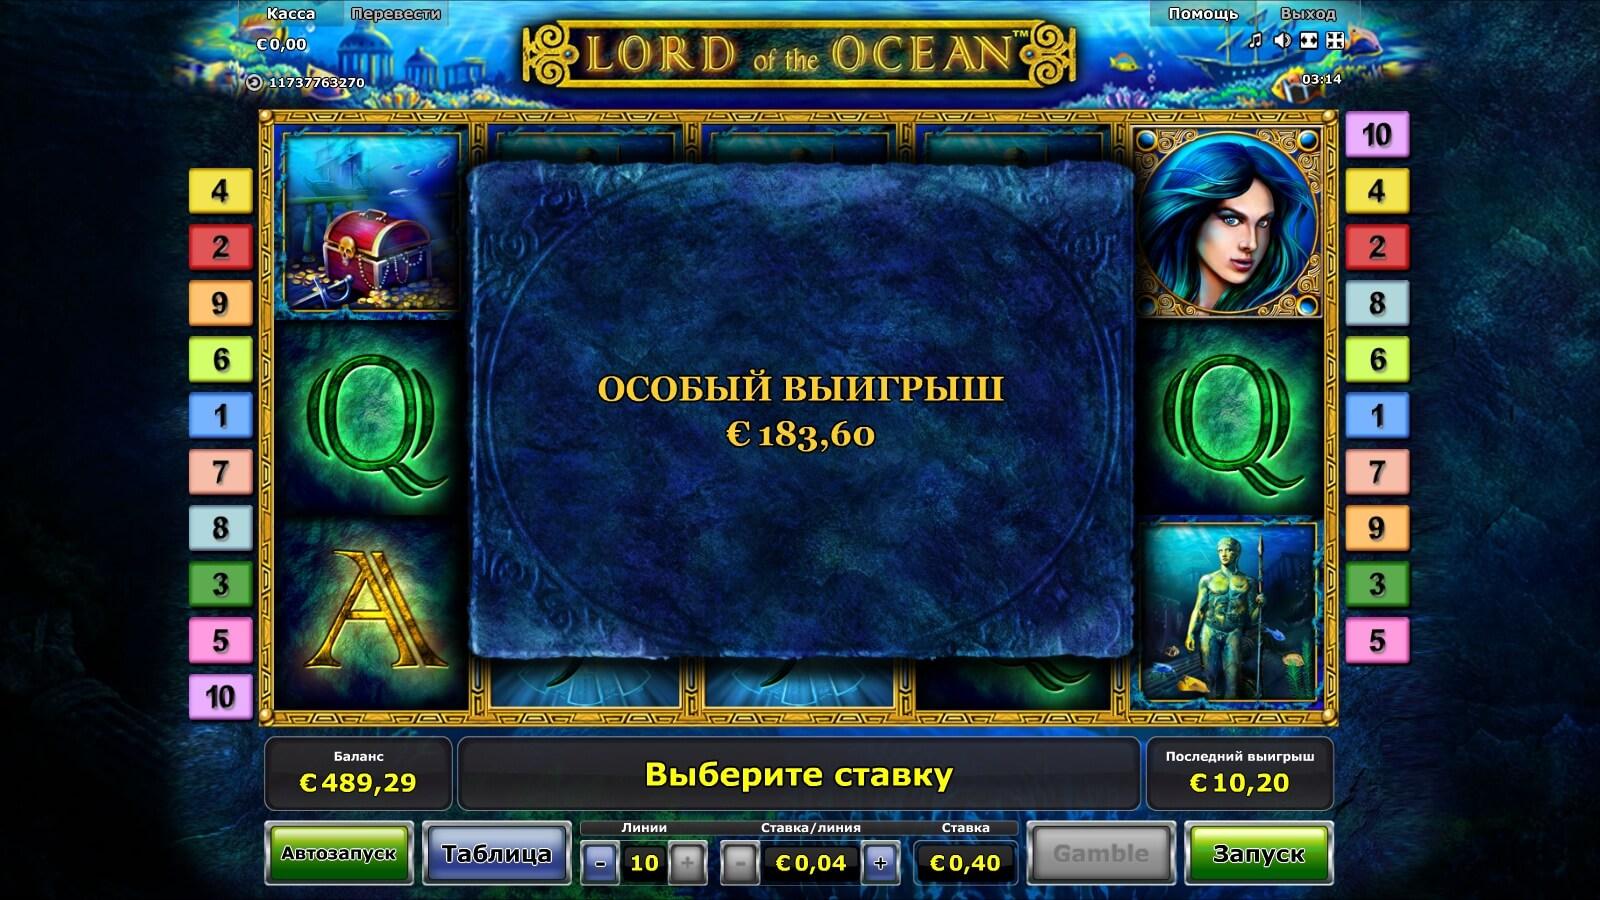 StarGames, выиграл в казино, играть в казино онлайн, игровые автоматы, интернет казино, Крупный выигрыш в казино, лучшие казино, онлайн казино